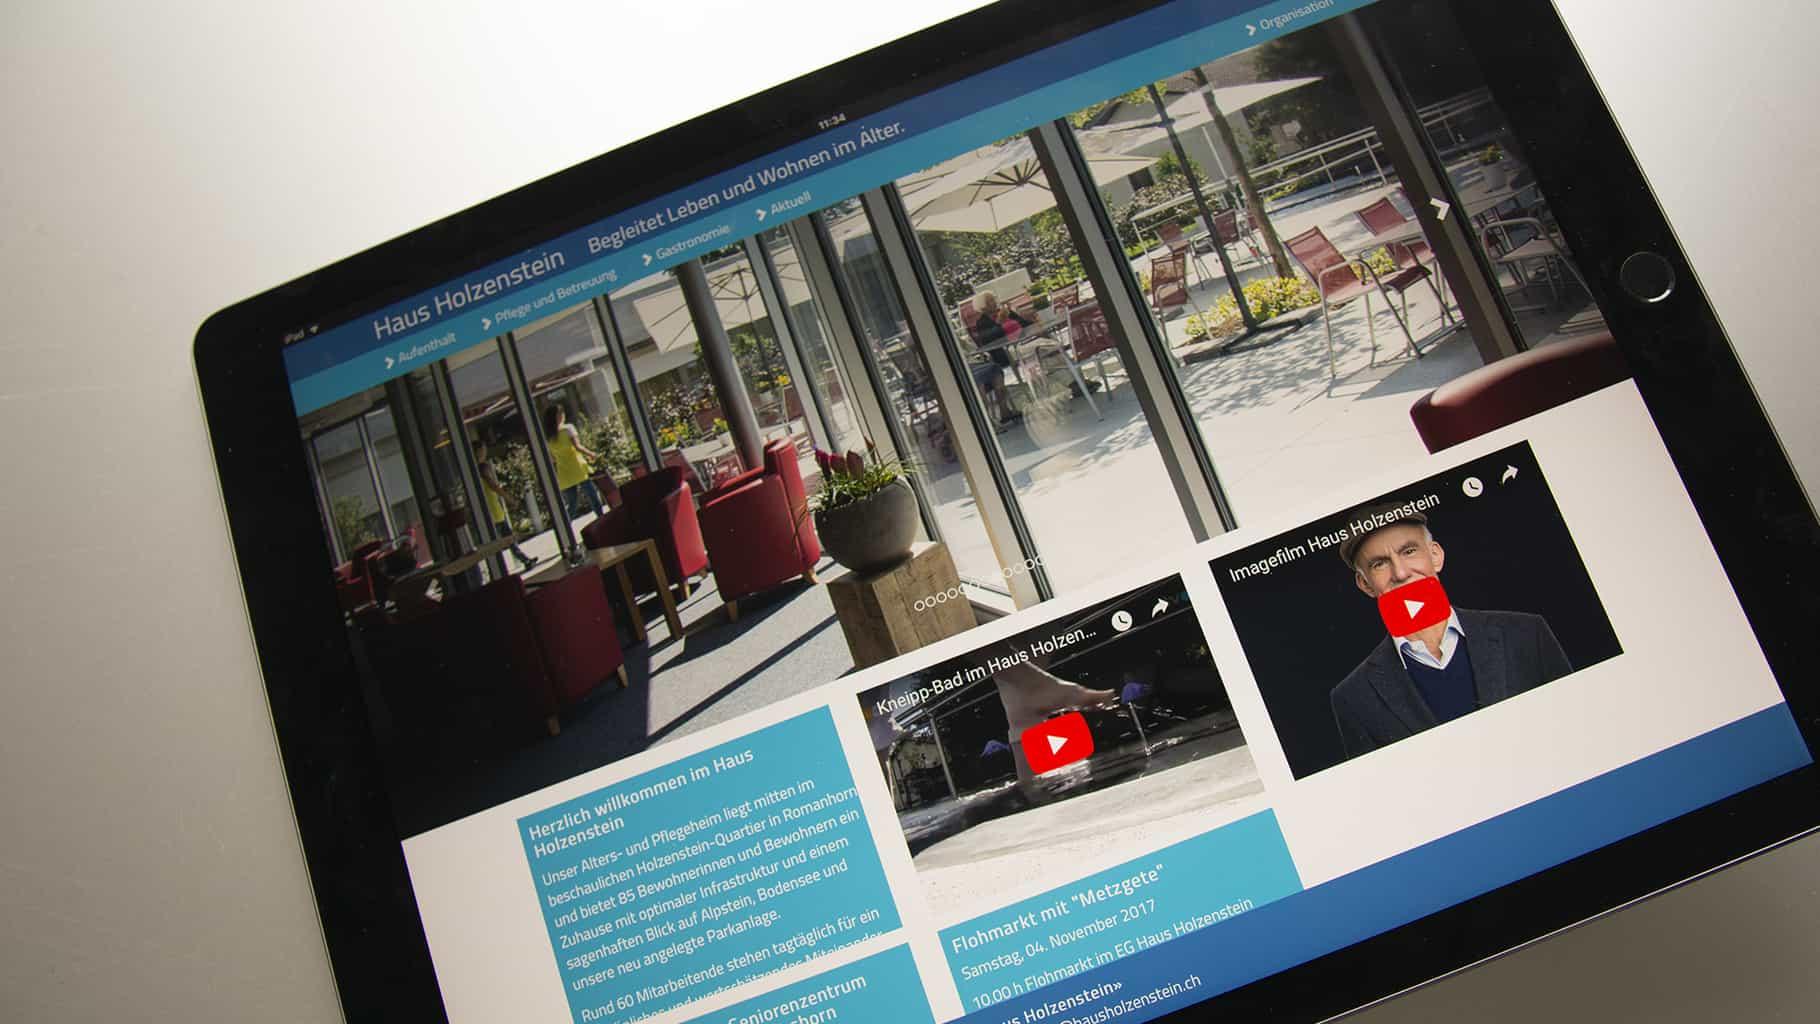 Die Website hausholzenstein.ch